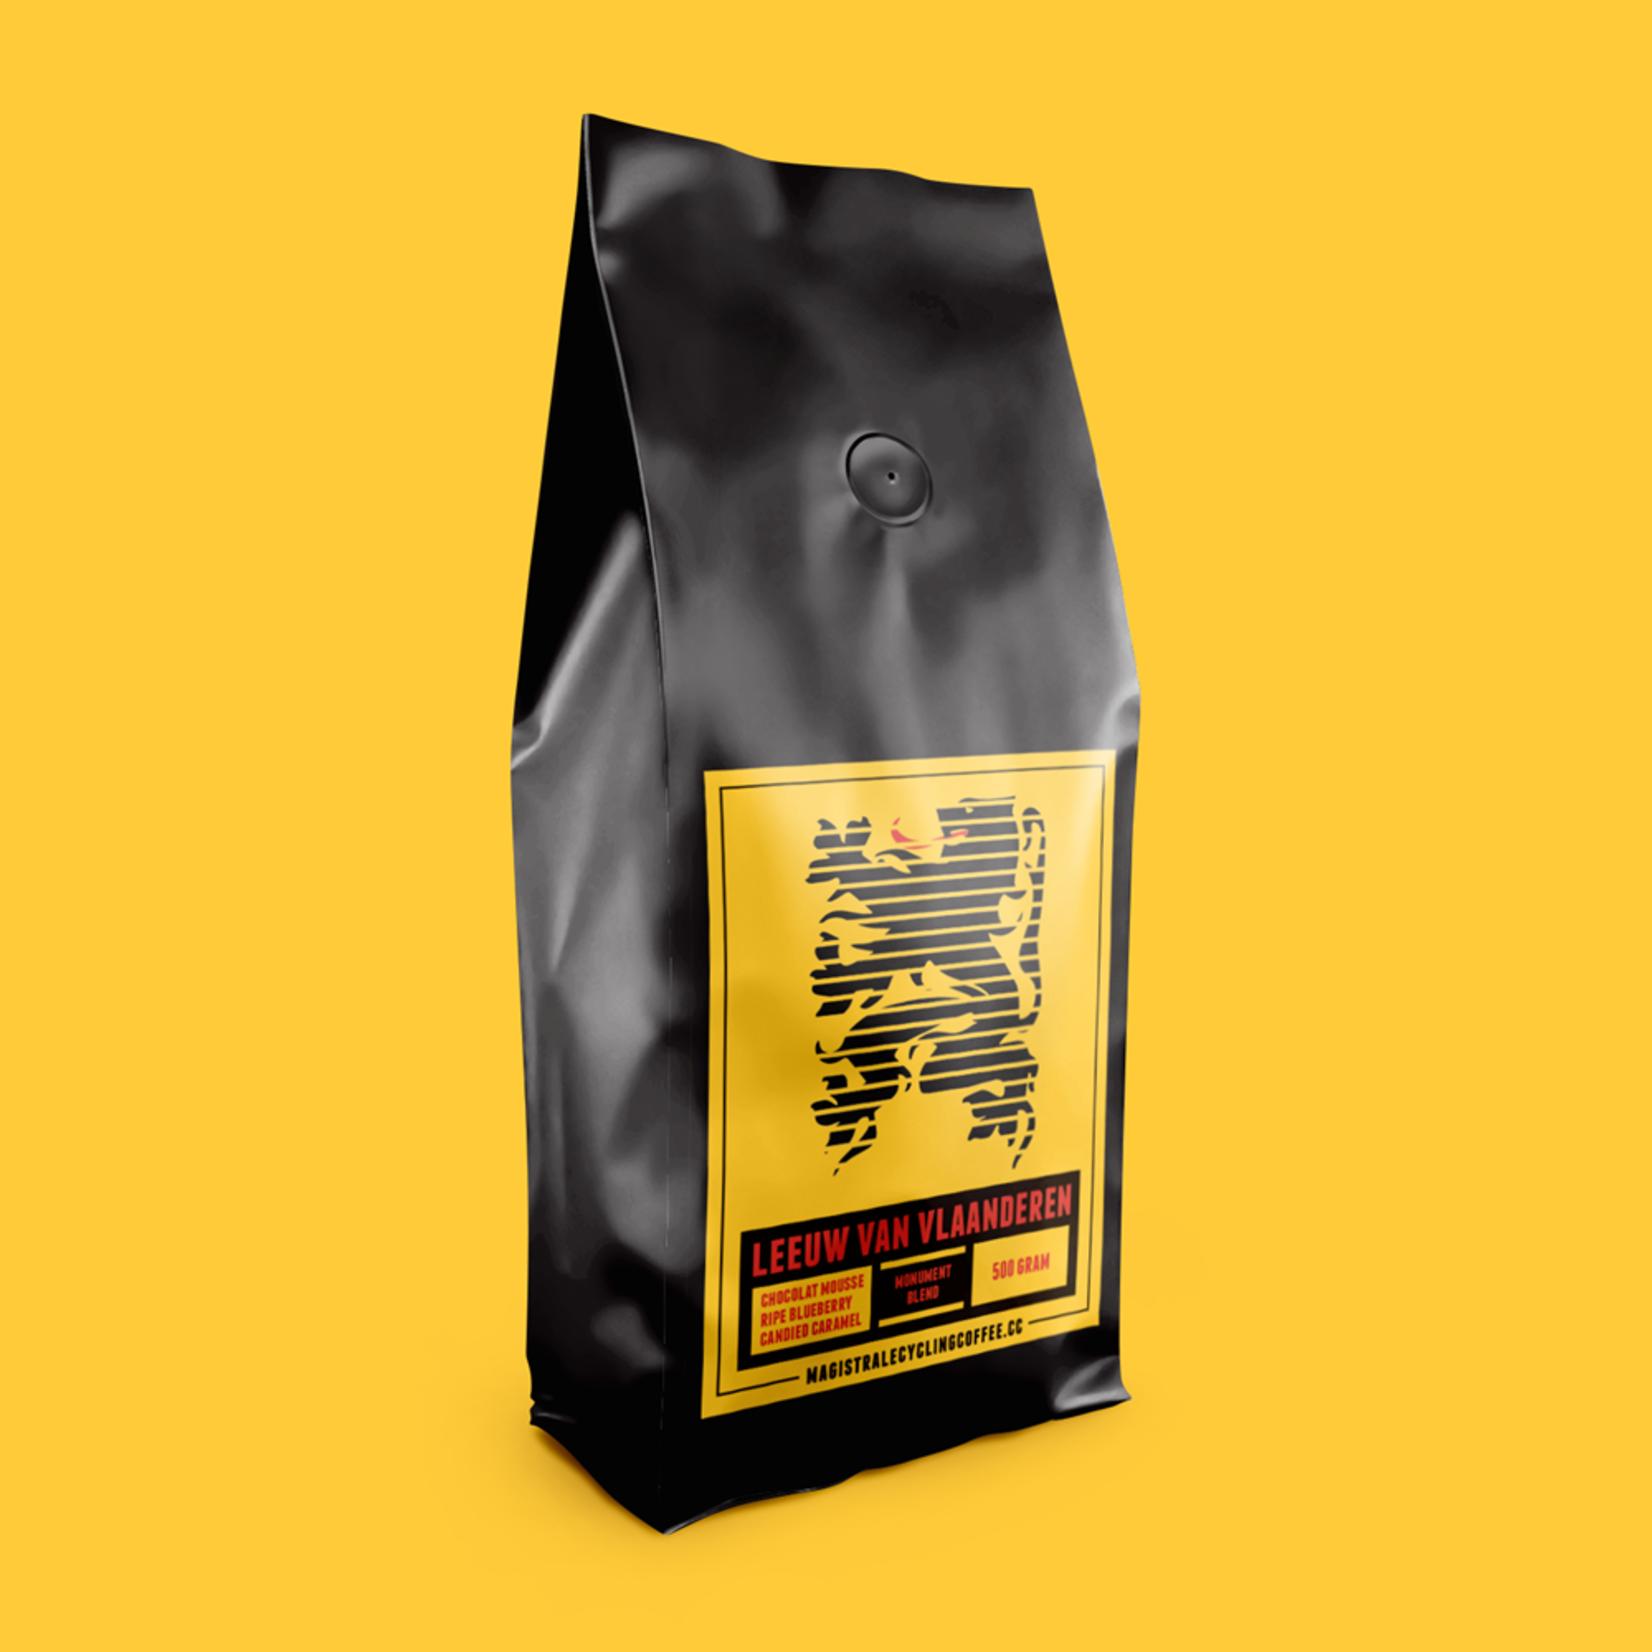 Il Magistrale coffee 'Leeuw van Vlaanderen' 500gr